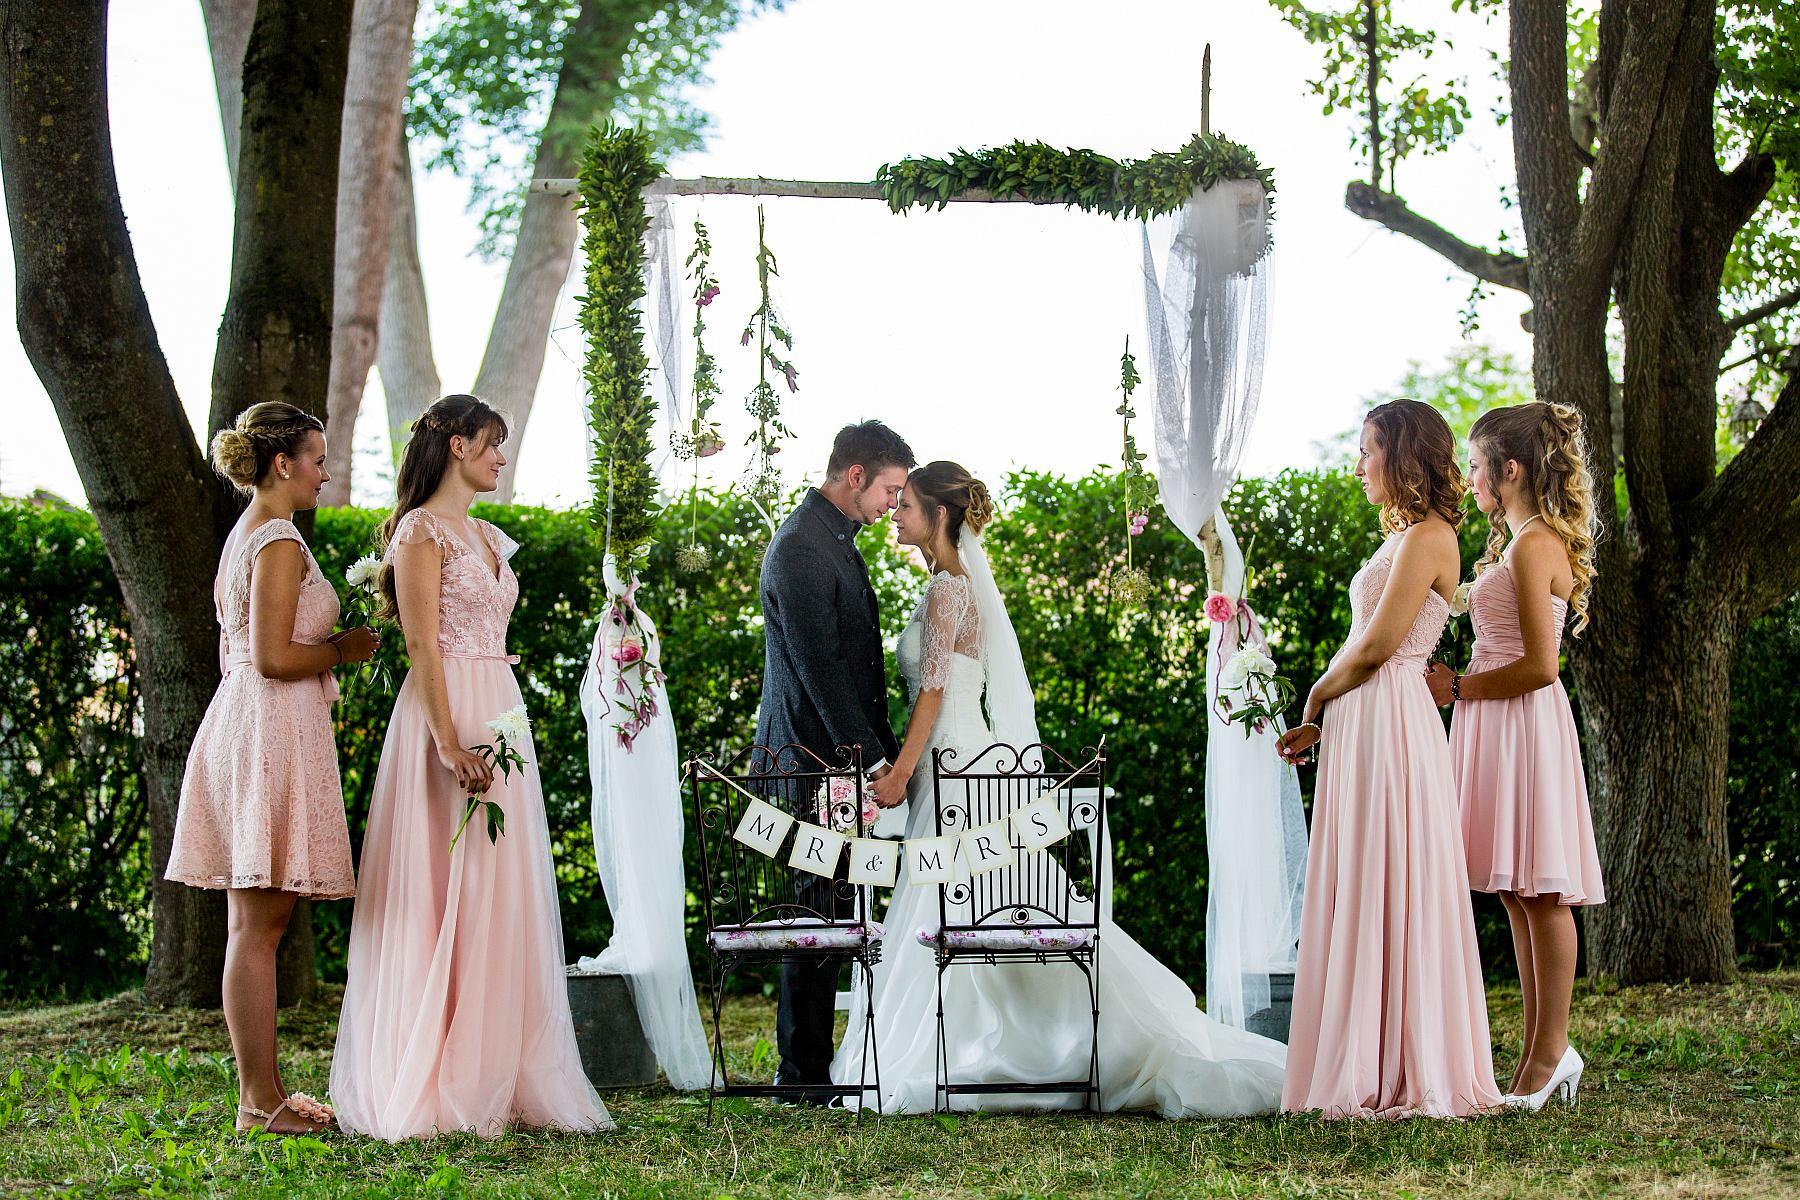 Das idyllische Schloss Pirkensee im Herzen der Oberpfalz zählt zu den besonderen Event-Locations für Hochzeiten.